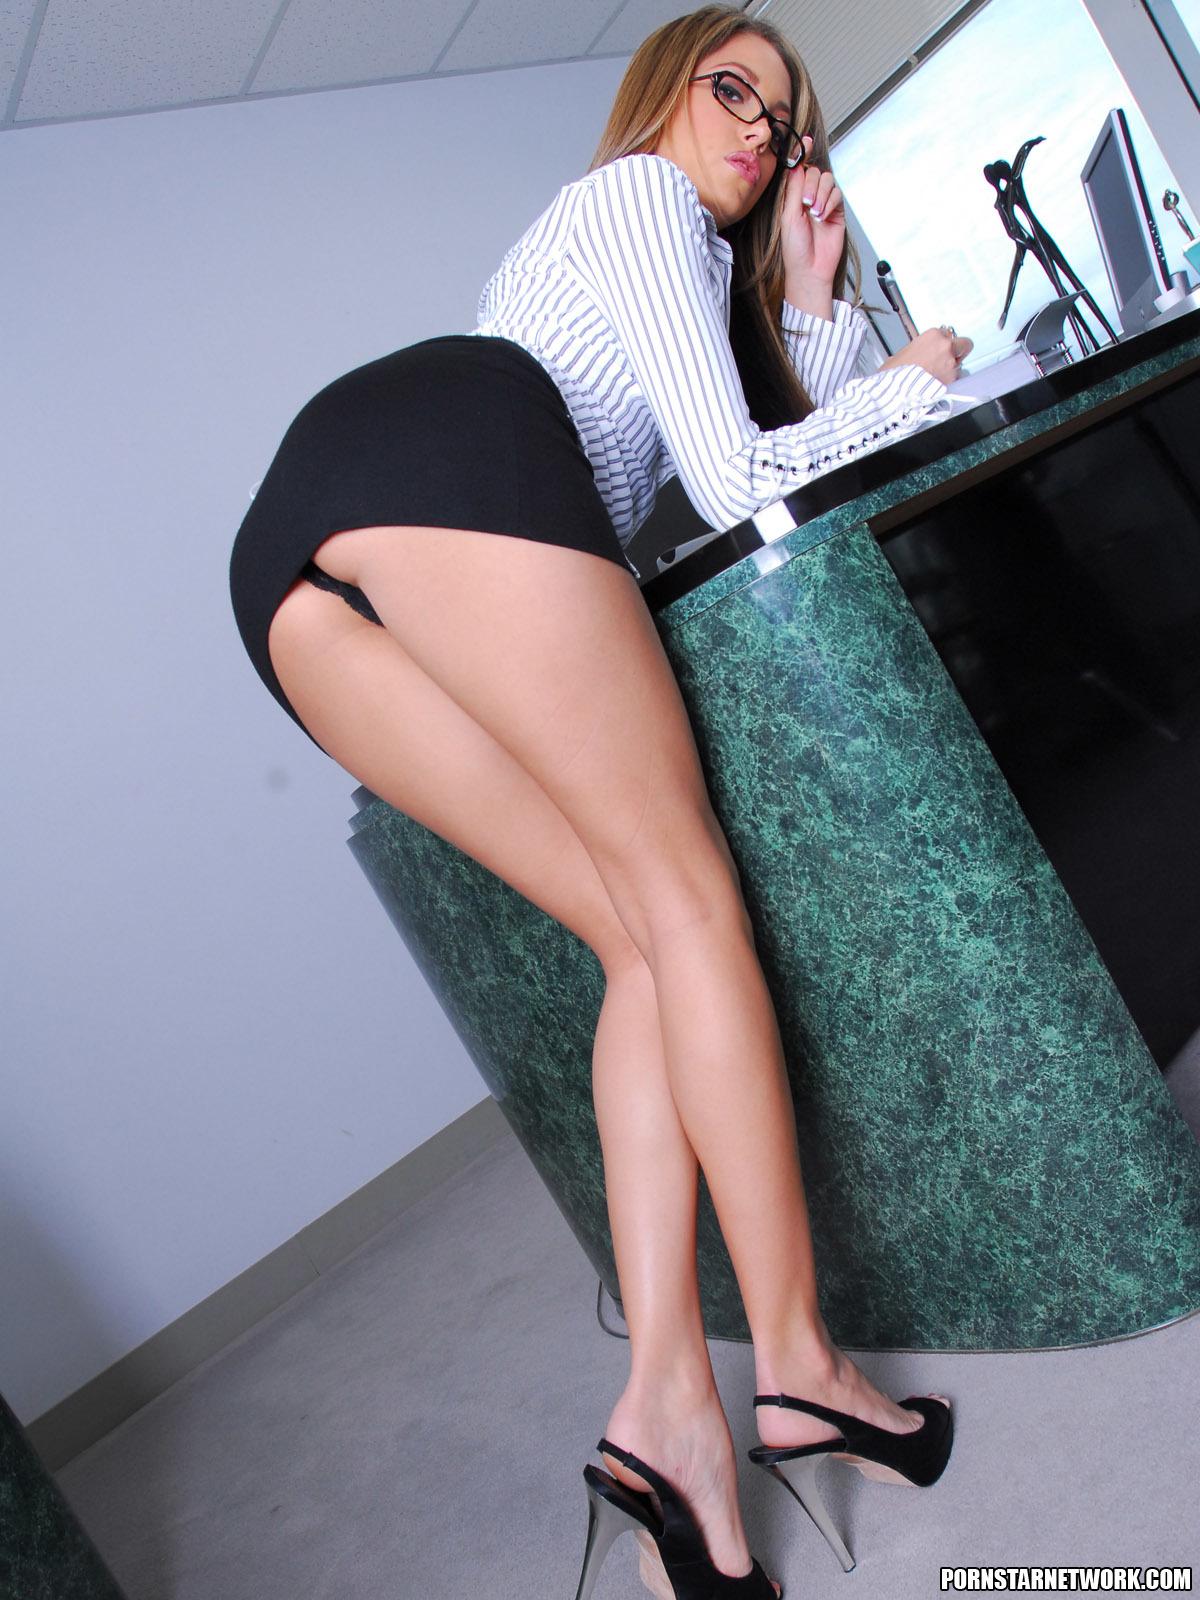 Ебут девок в деловых юбках фото